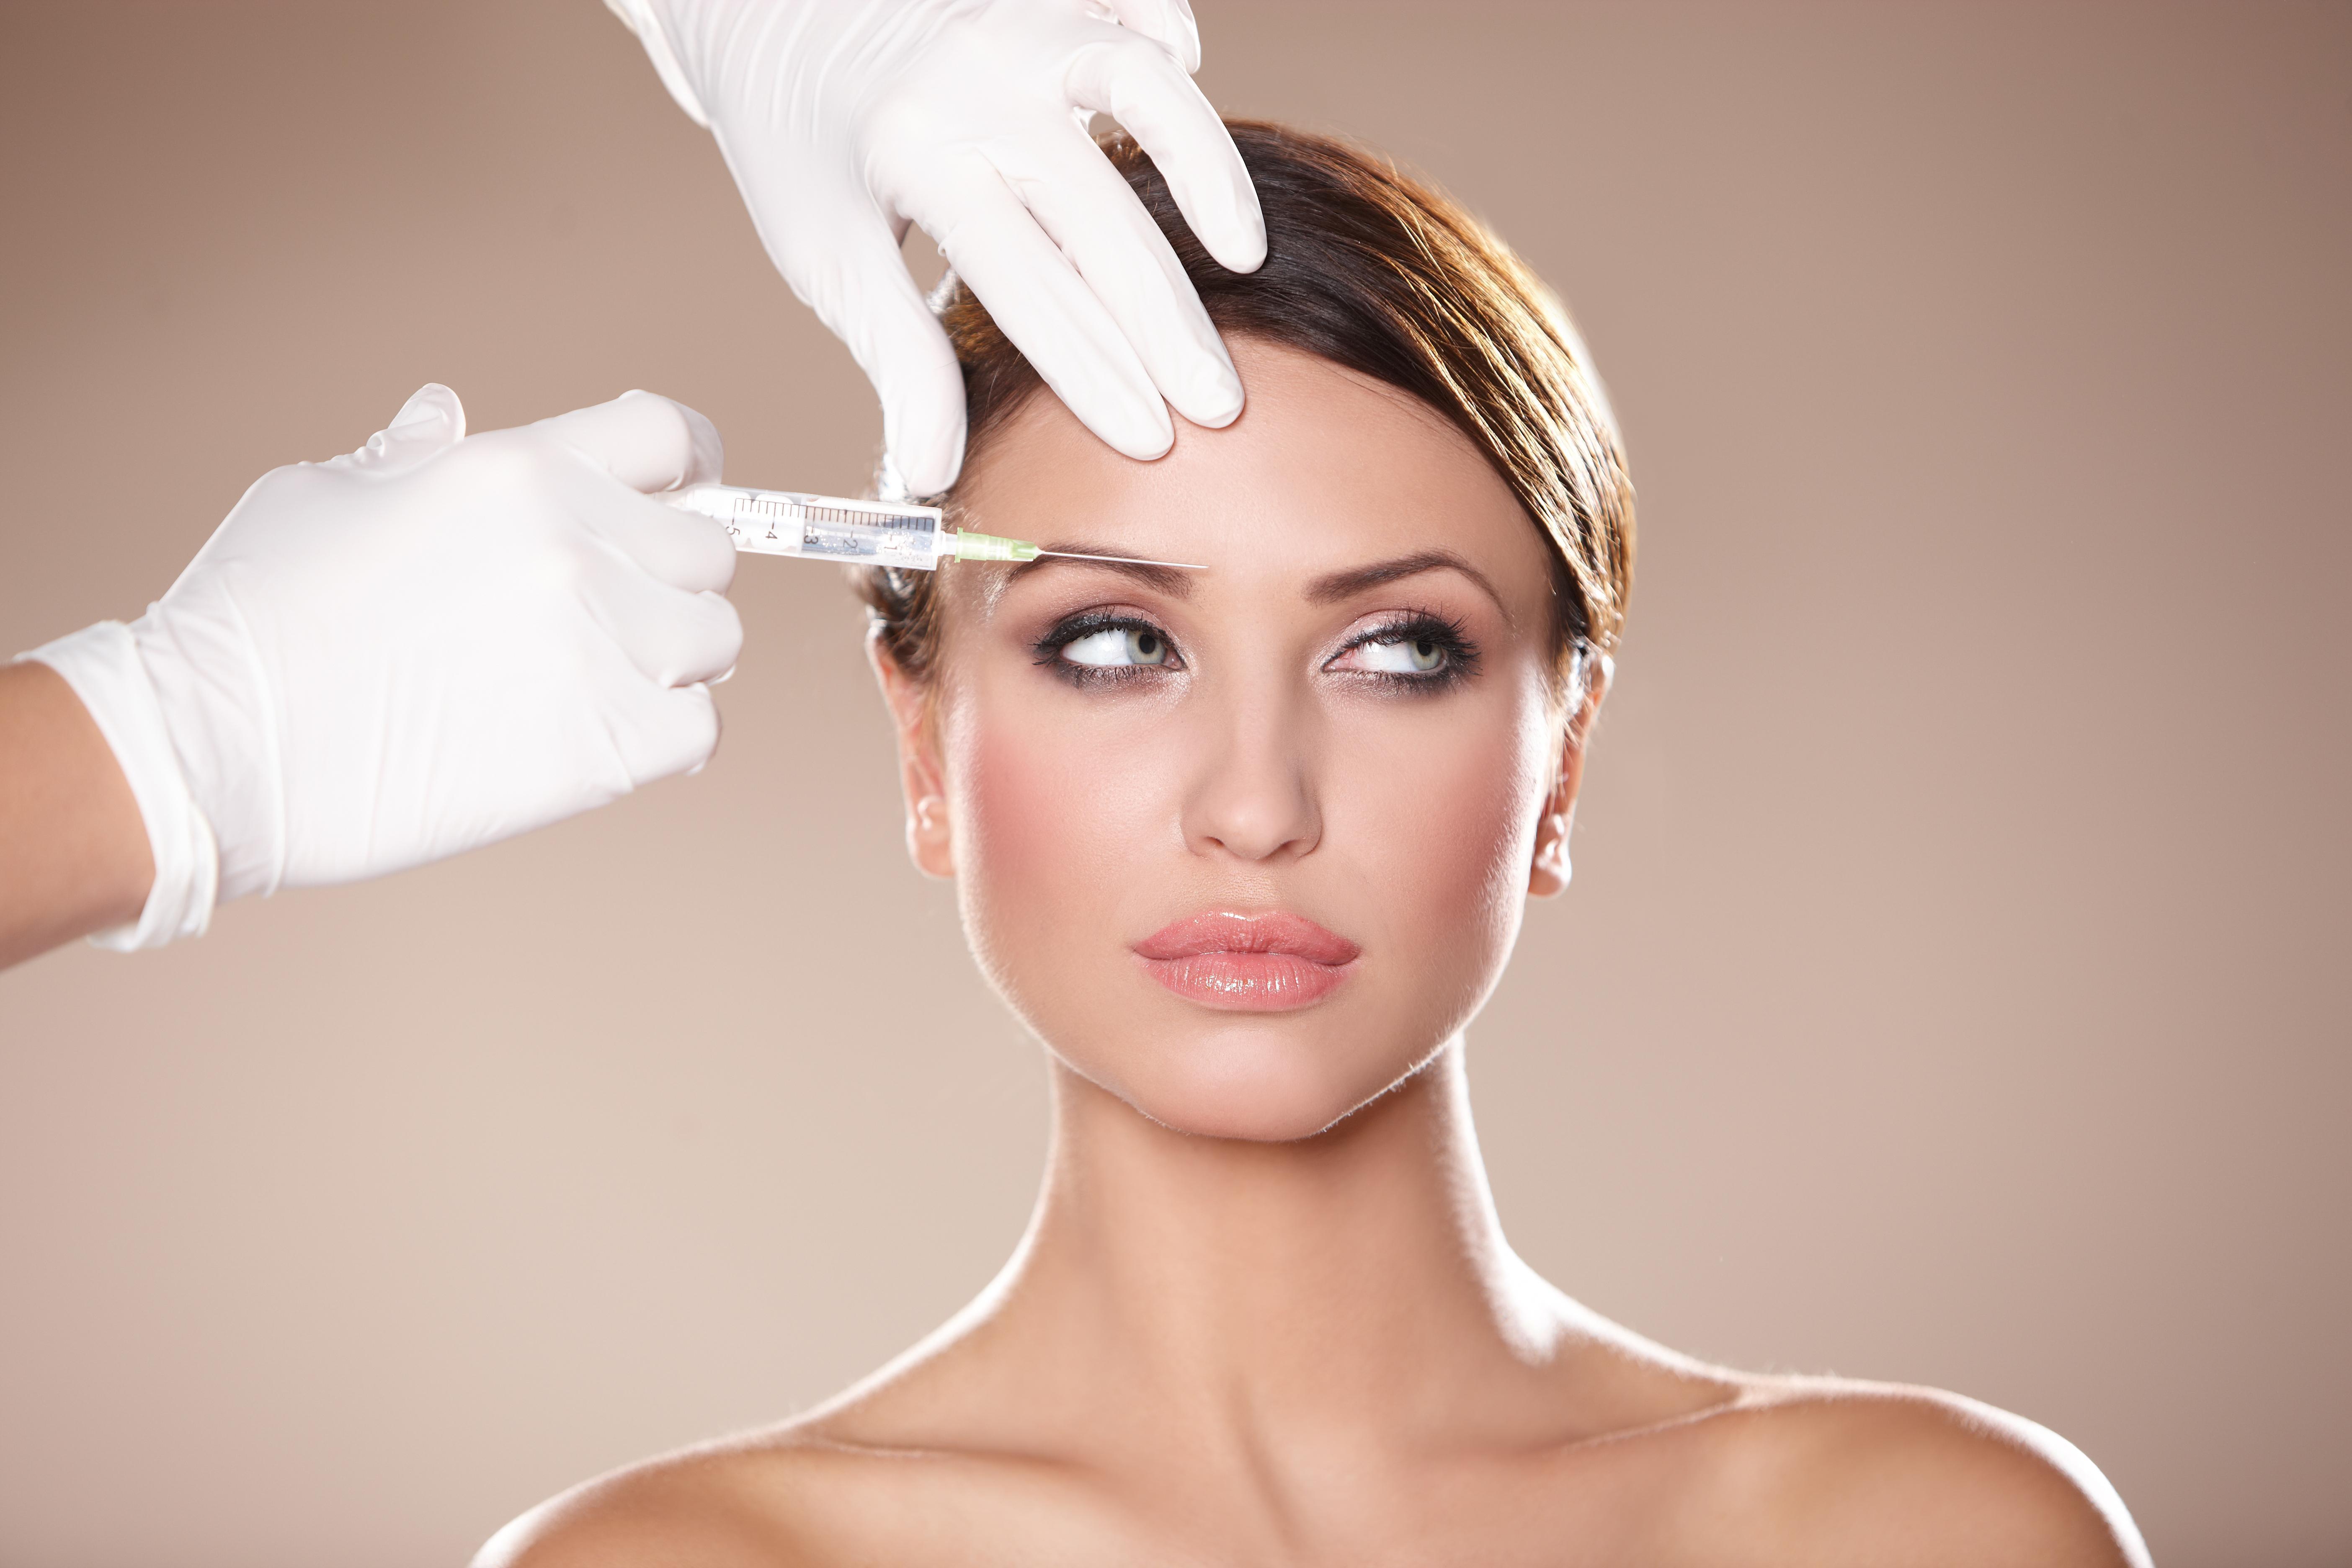 Ucuz botox yaptırmak tehlikeli mi?